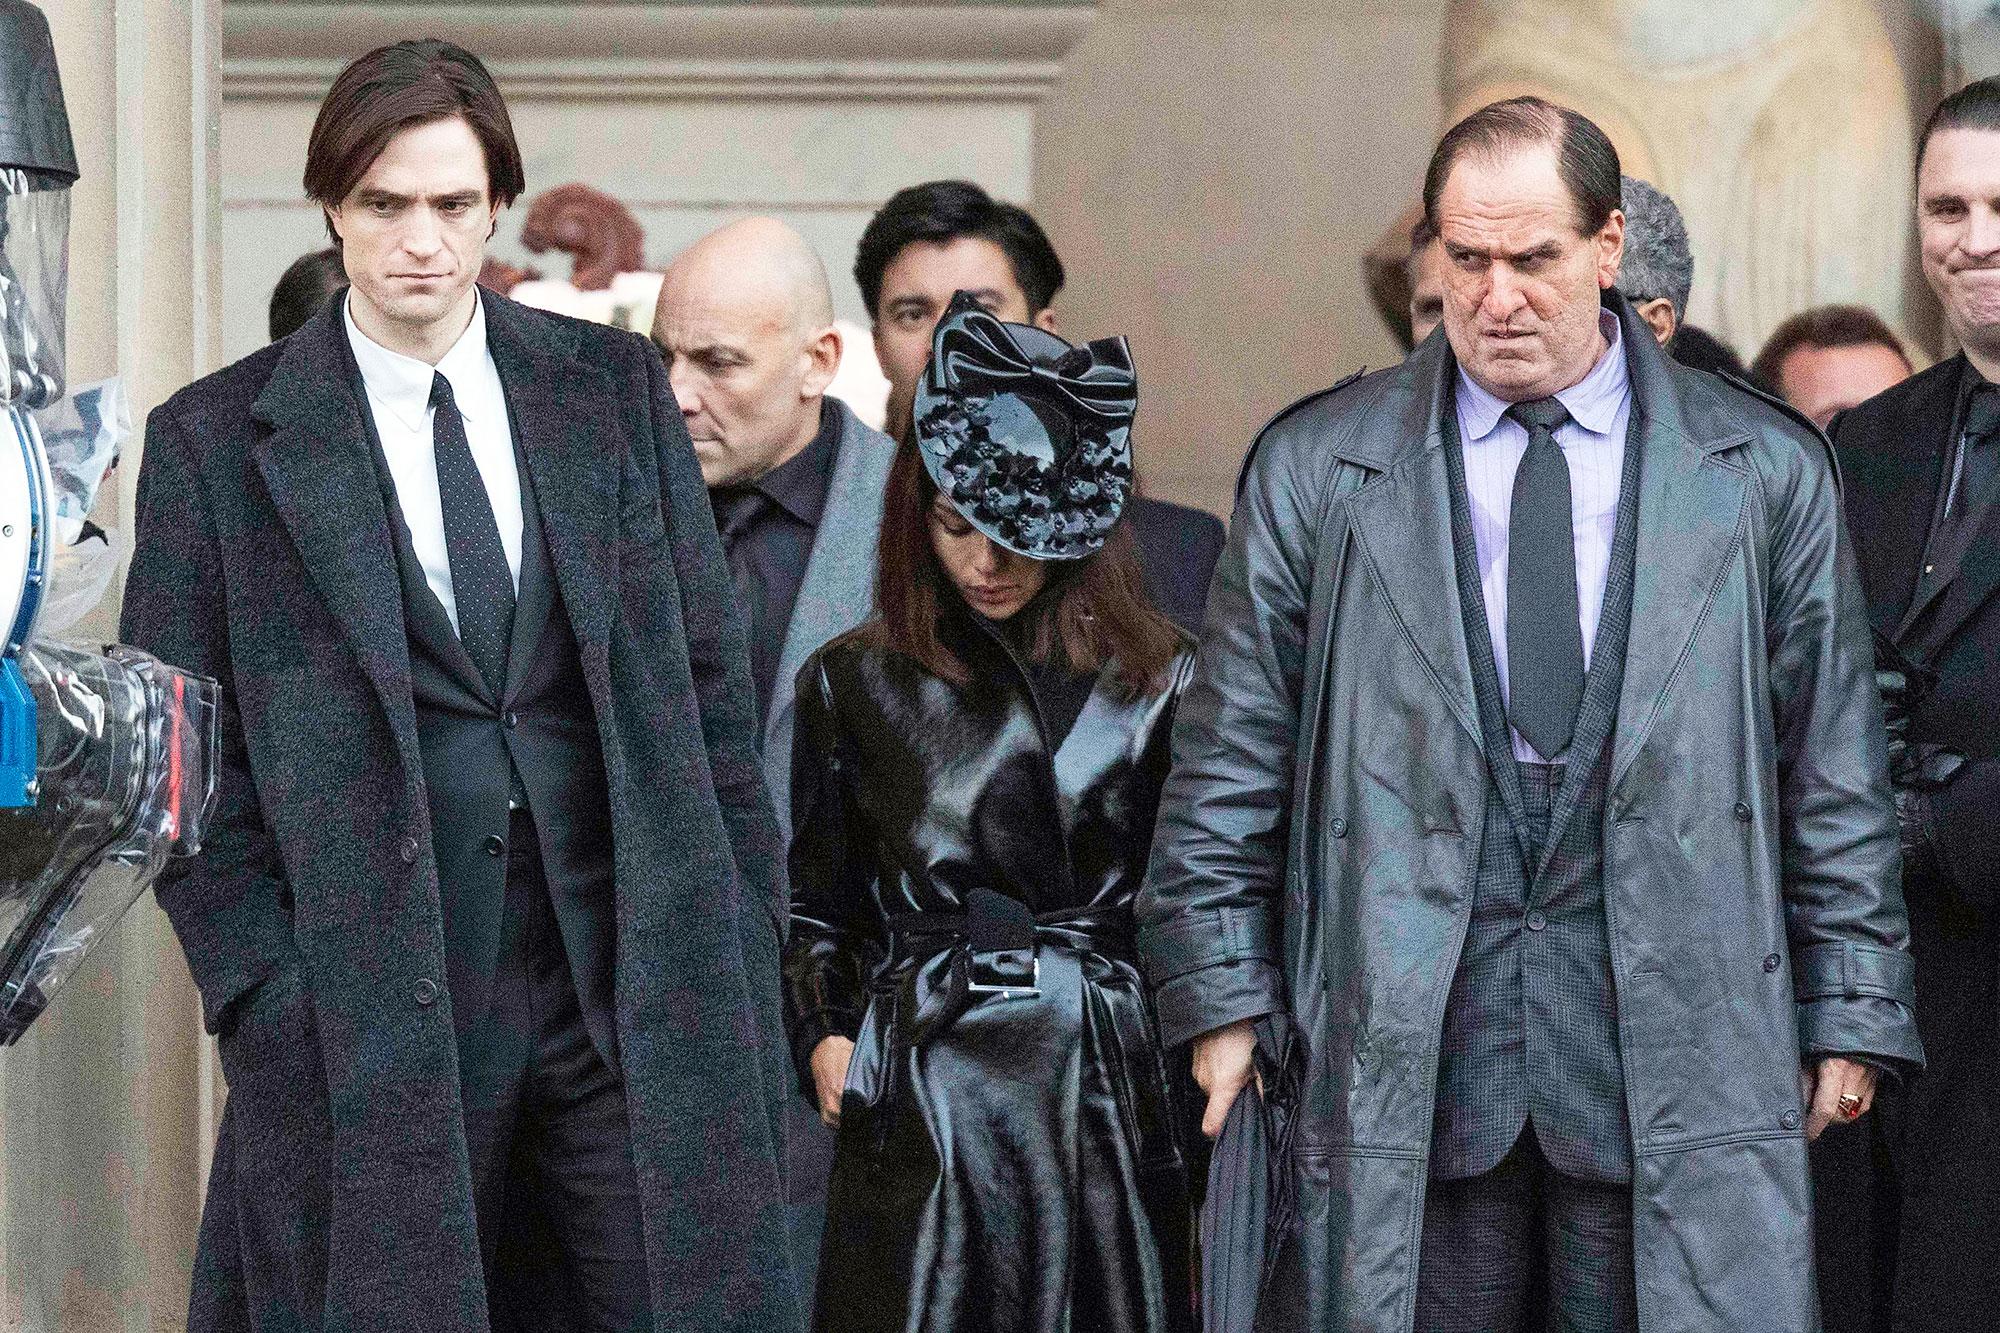 Robert Pattinson Returns to 'Batman' Set After COVID-19 Delays